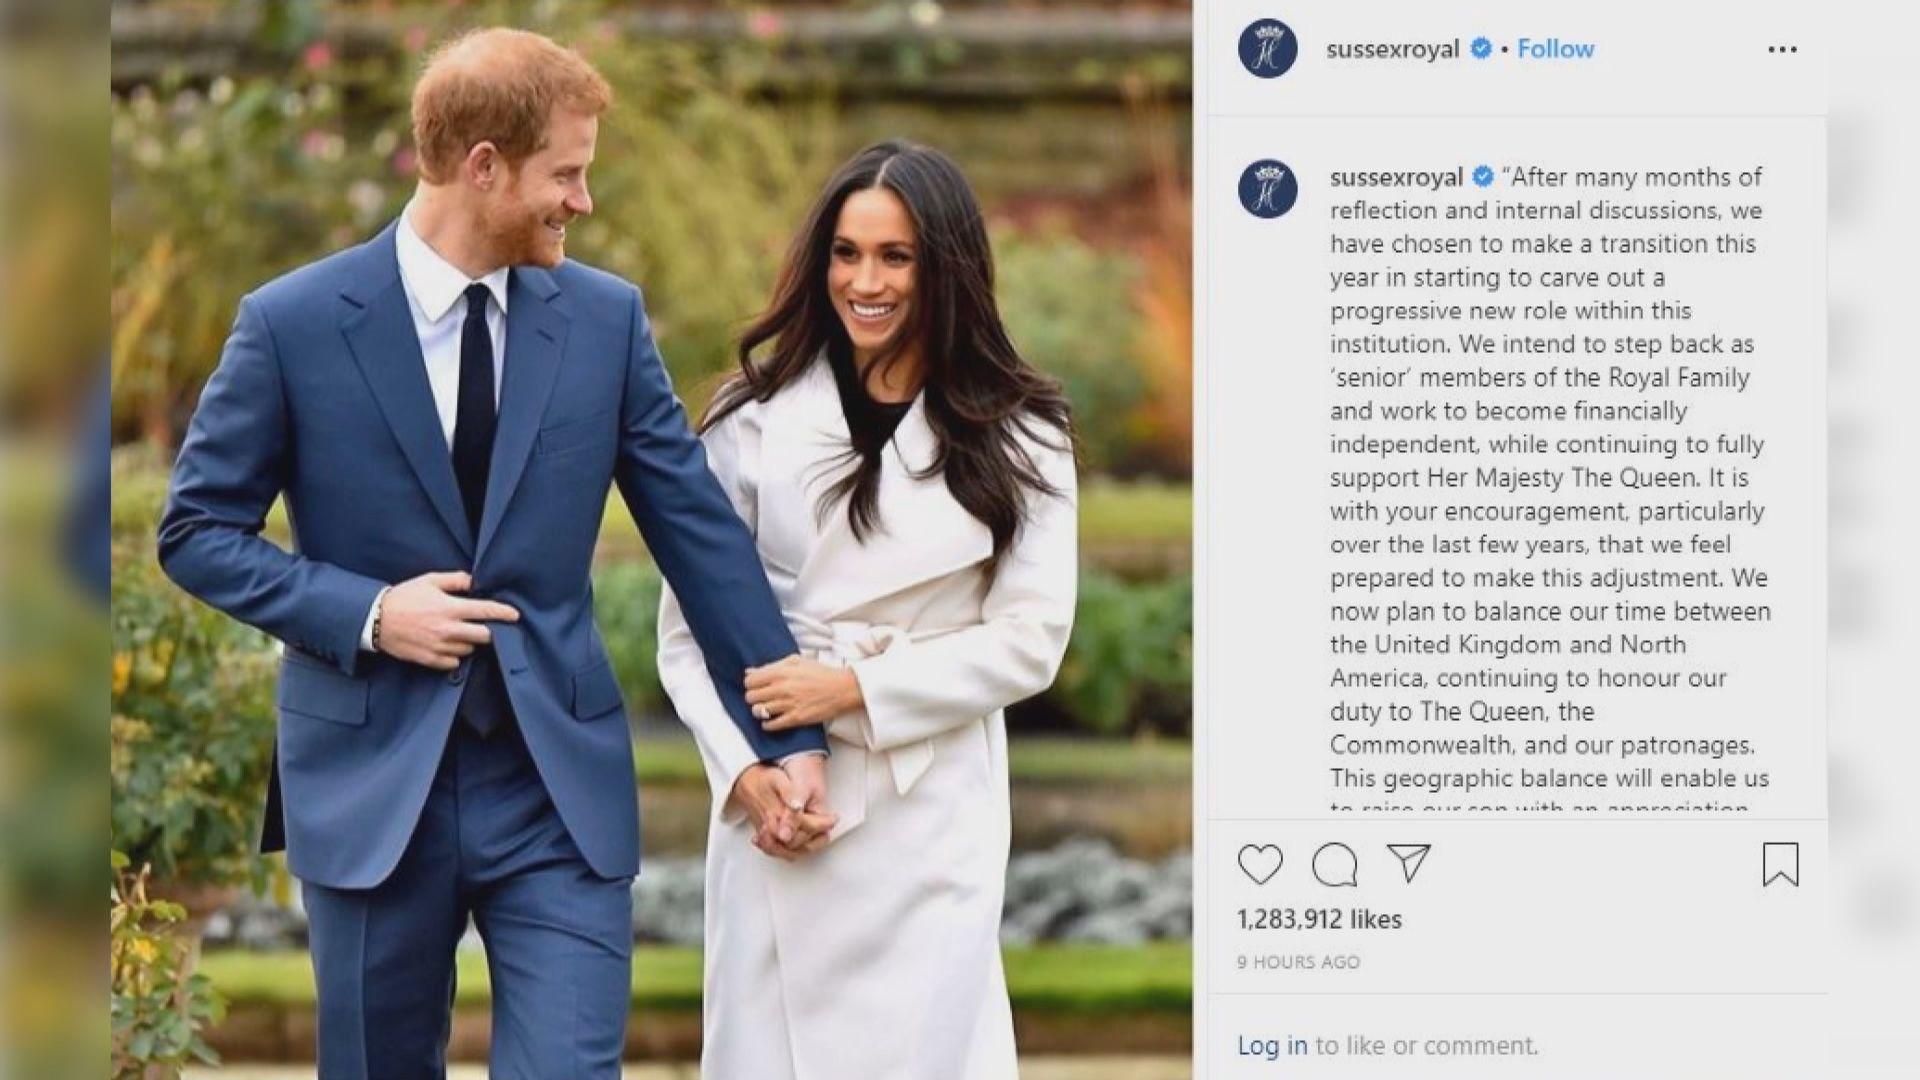 哈里夫婦擬從王室高層退下來 據報王室感失望